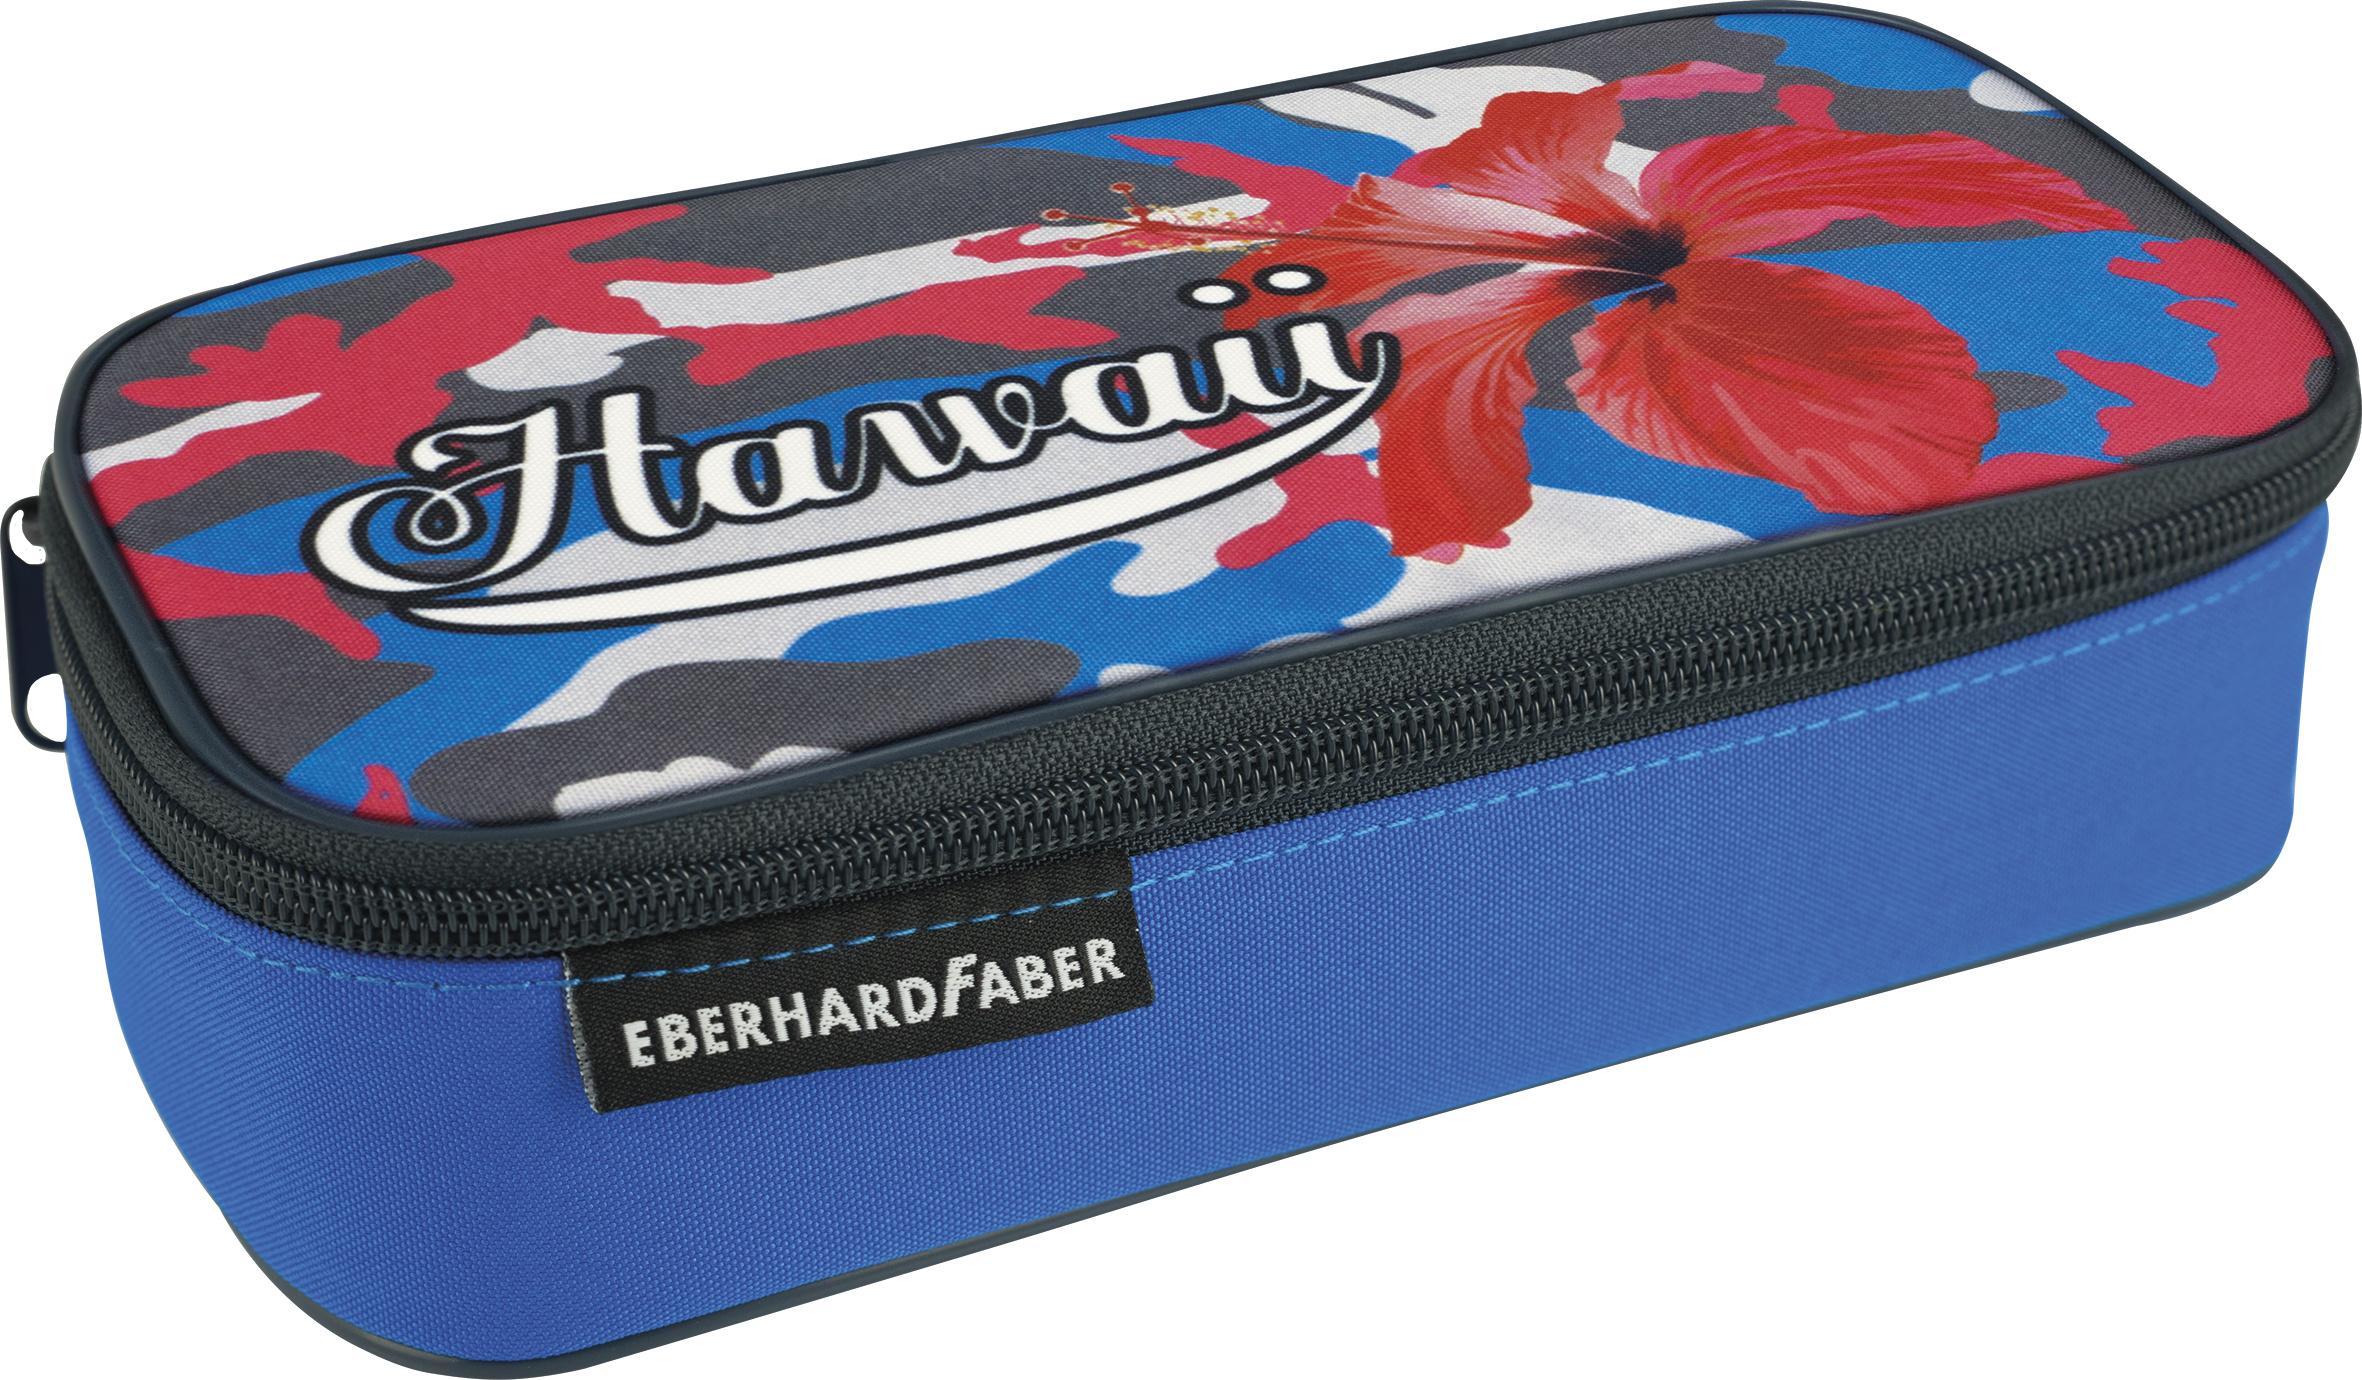 EberhardFaber Jumbo Schlamperbox Camouflage Hawaii